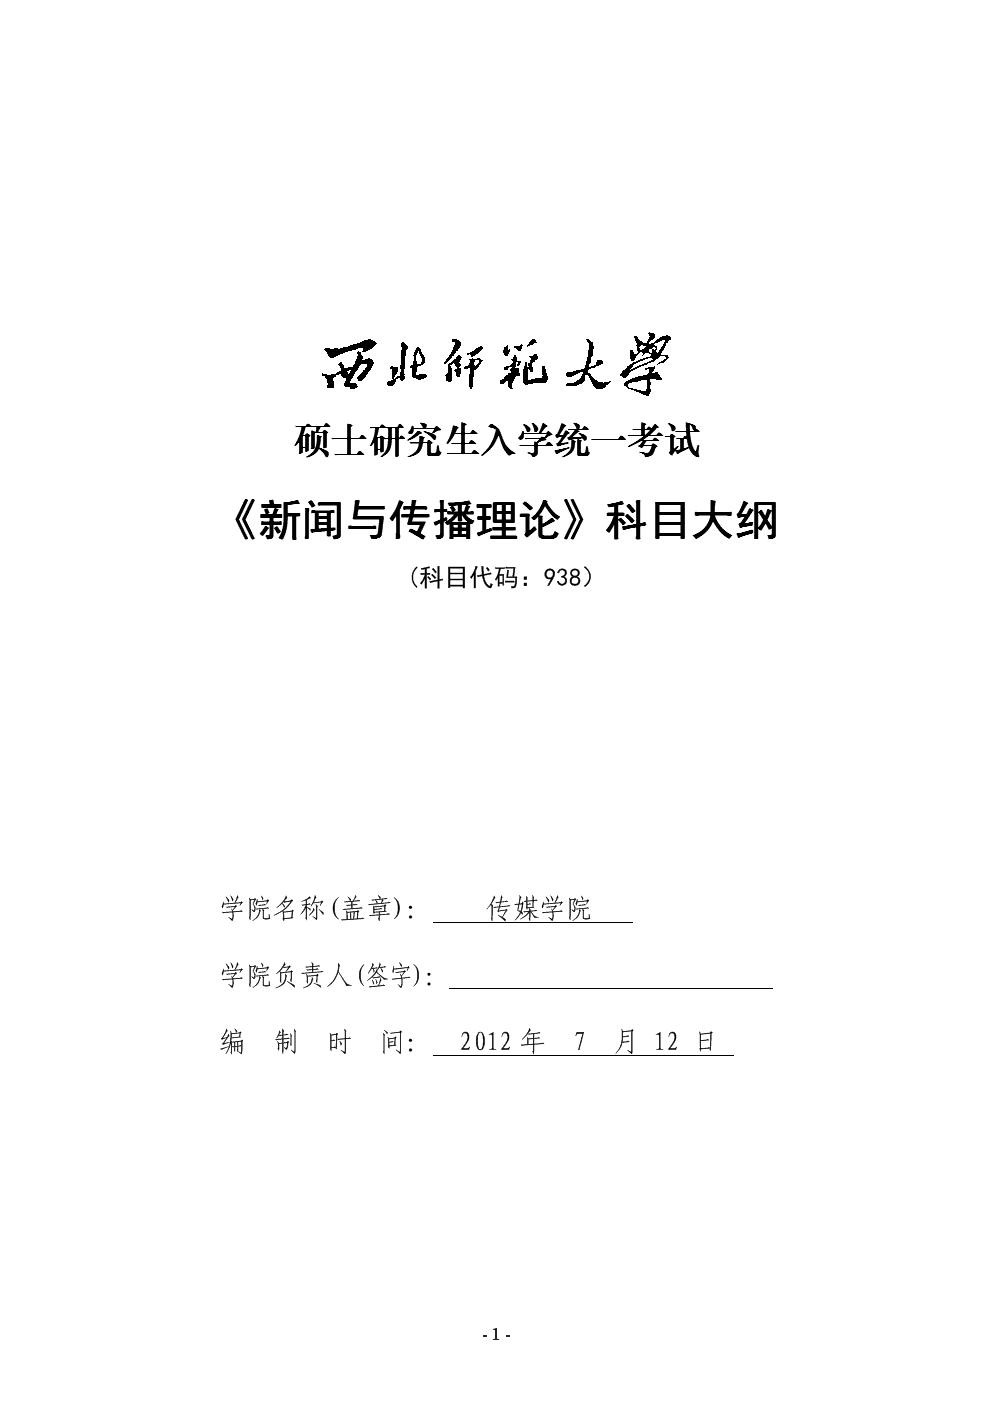 2013年西北师范大学考纲938新闻与传播理论考试大纲.doc